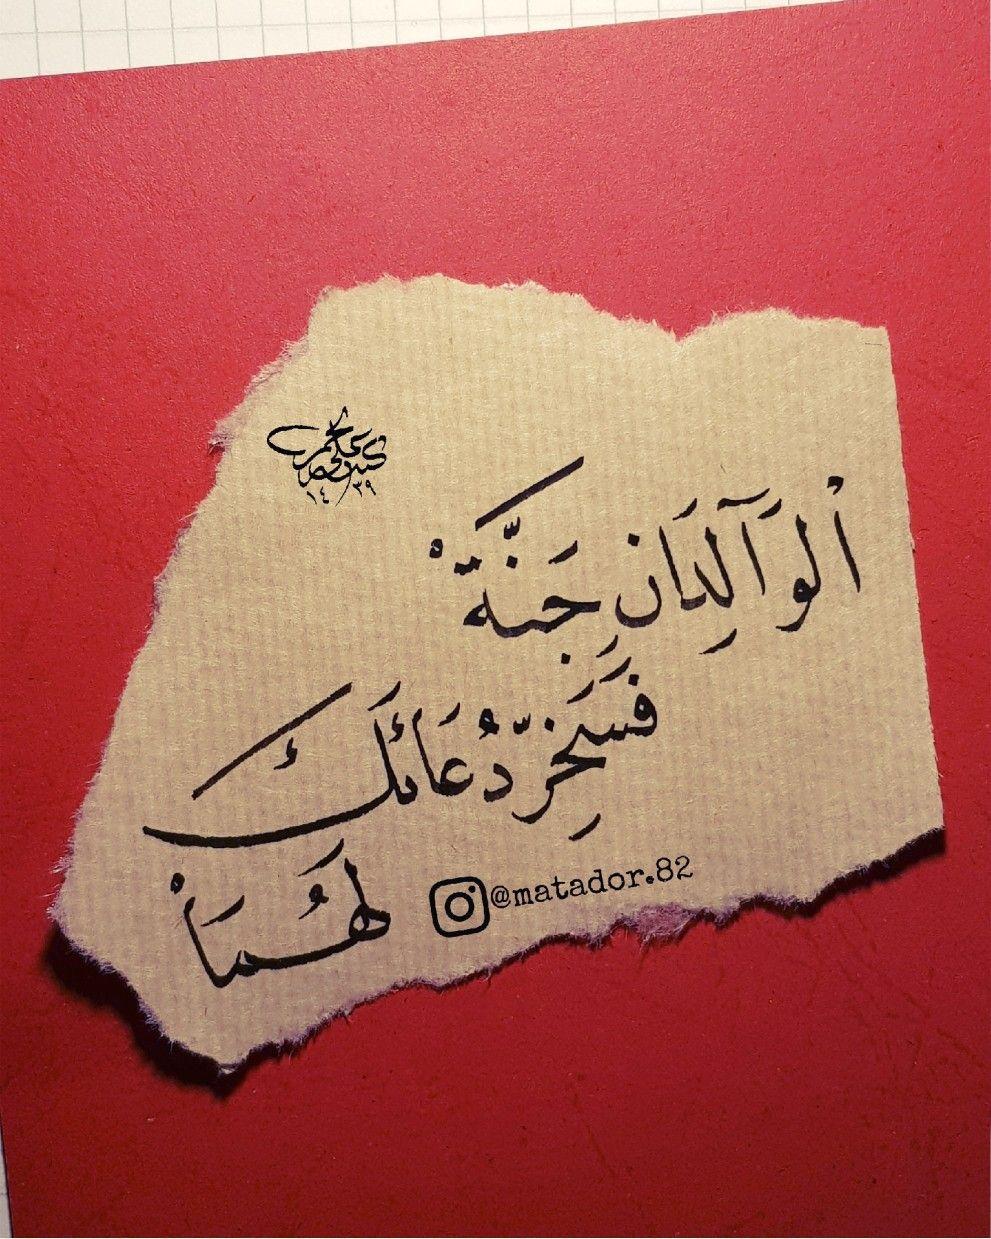 الوالدان خطي تصويري اقتباساتي اقتباس العراق خط عربي Arabic Words Words Quotes Calligraphy I